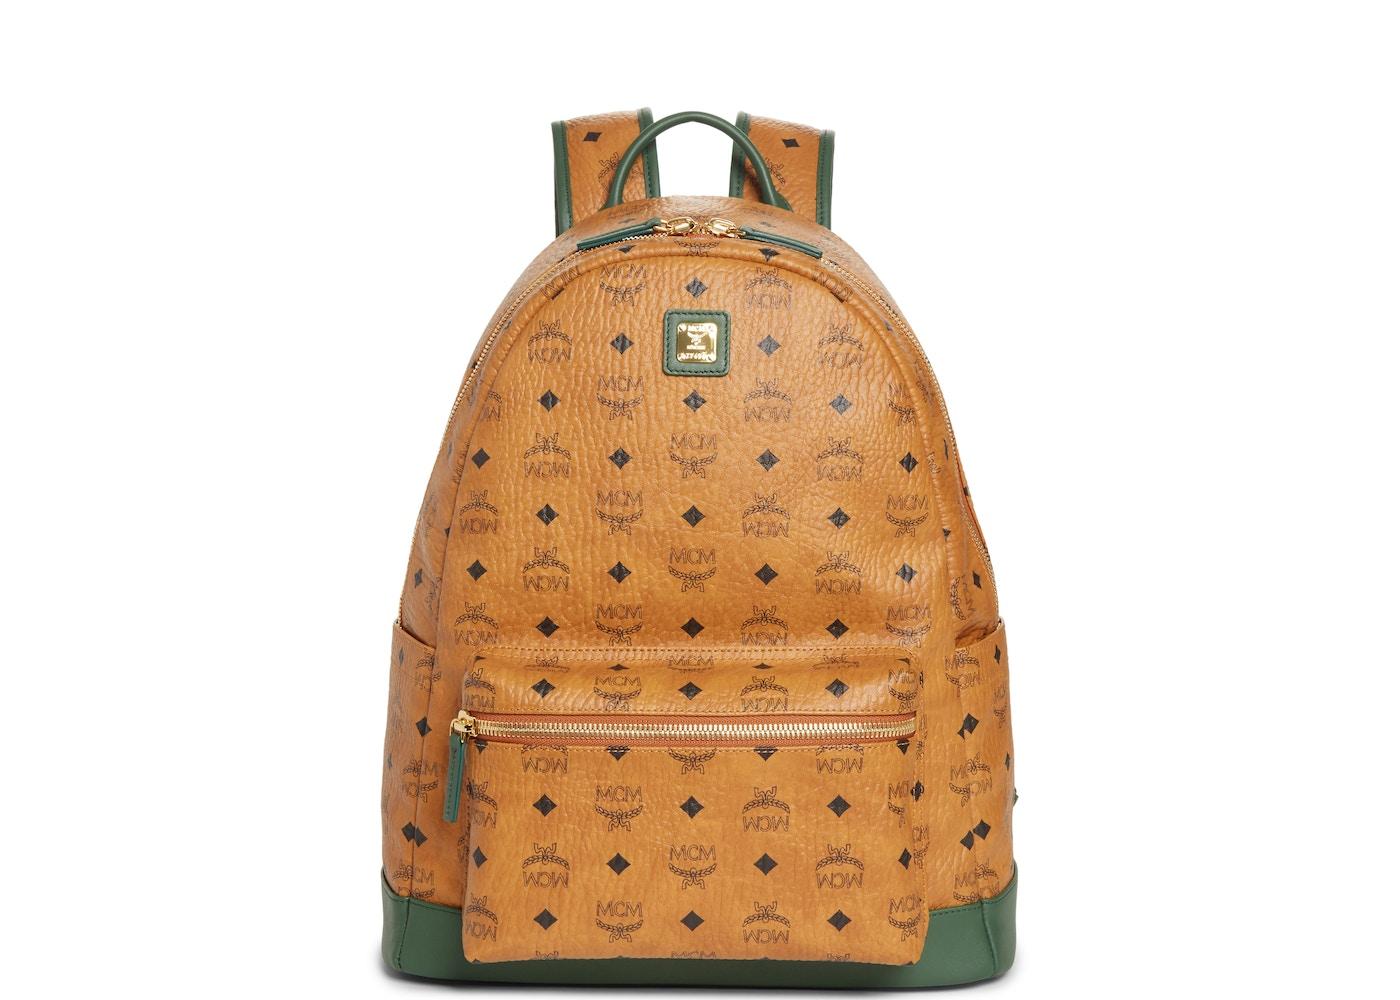 42b5842132b Buy & Sell MCM Handbags - Highest Bid